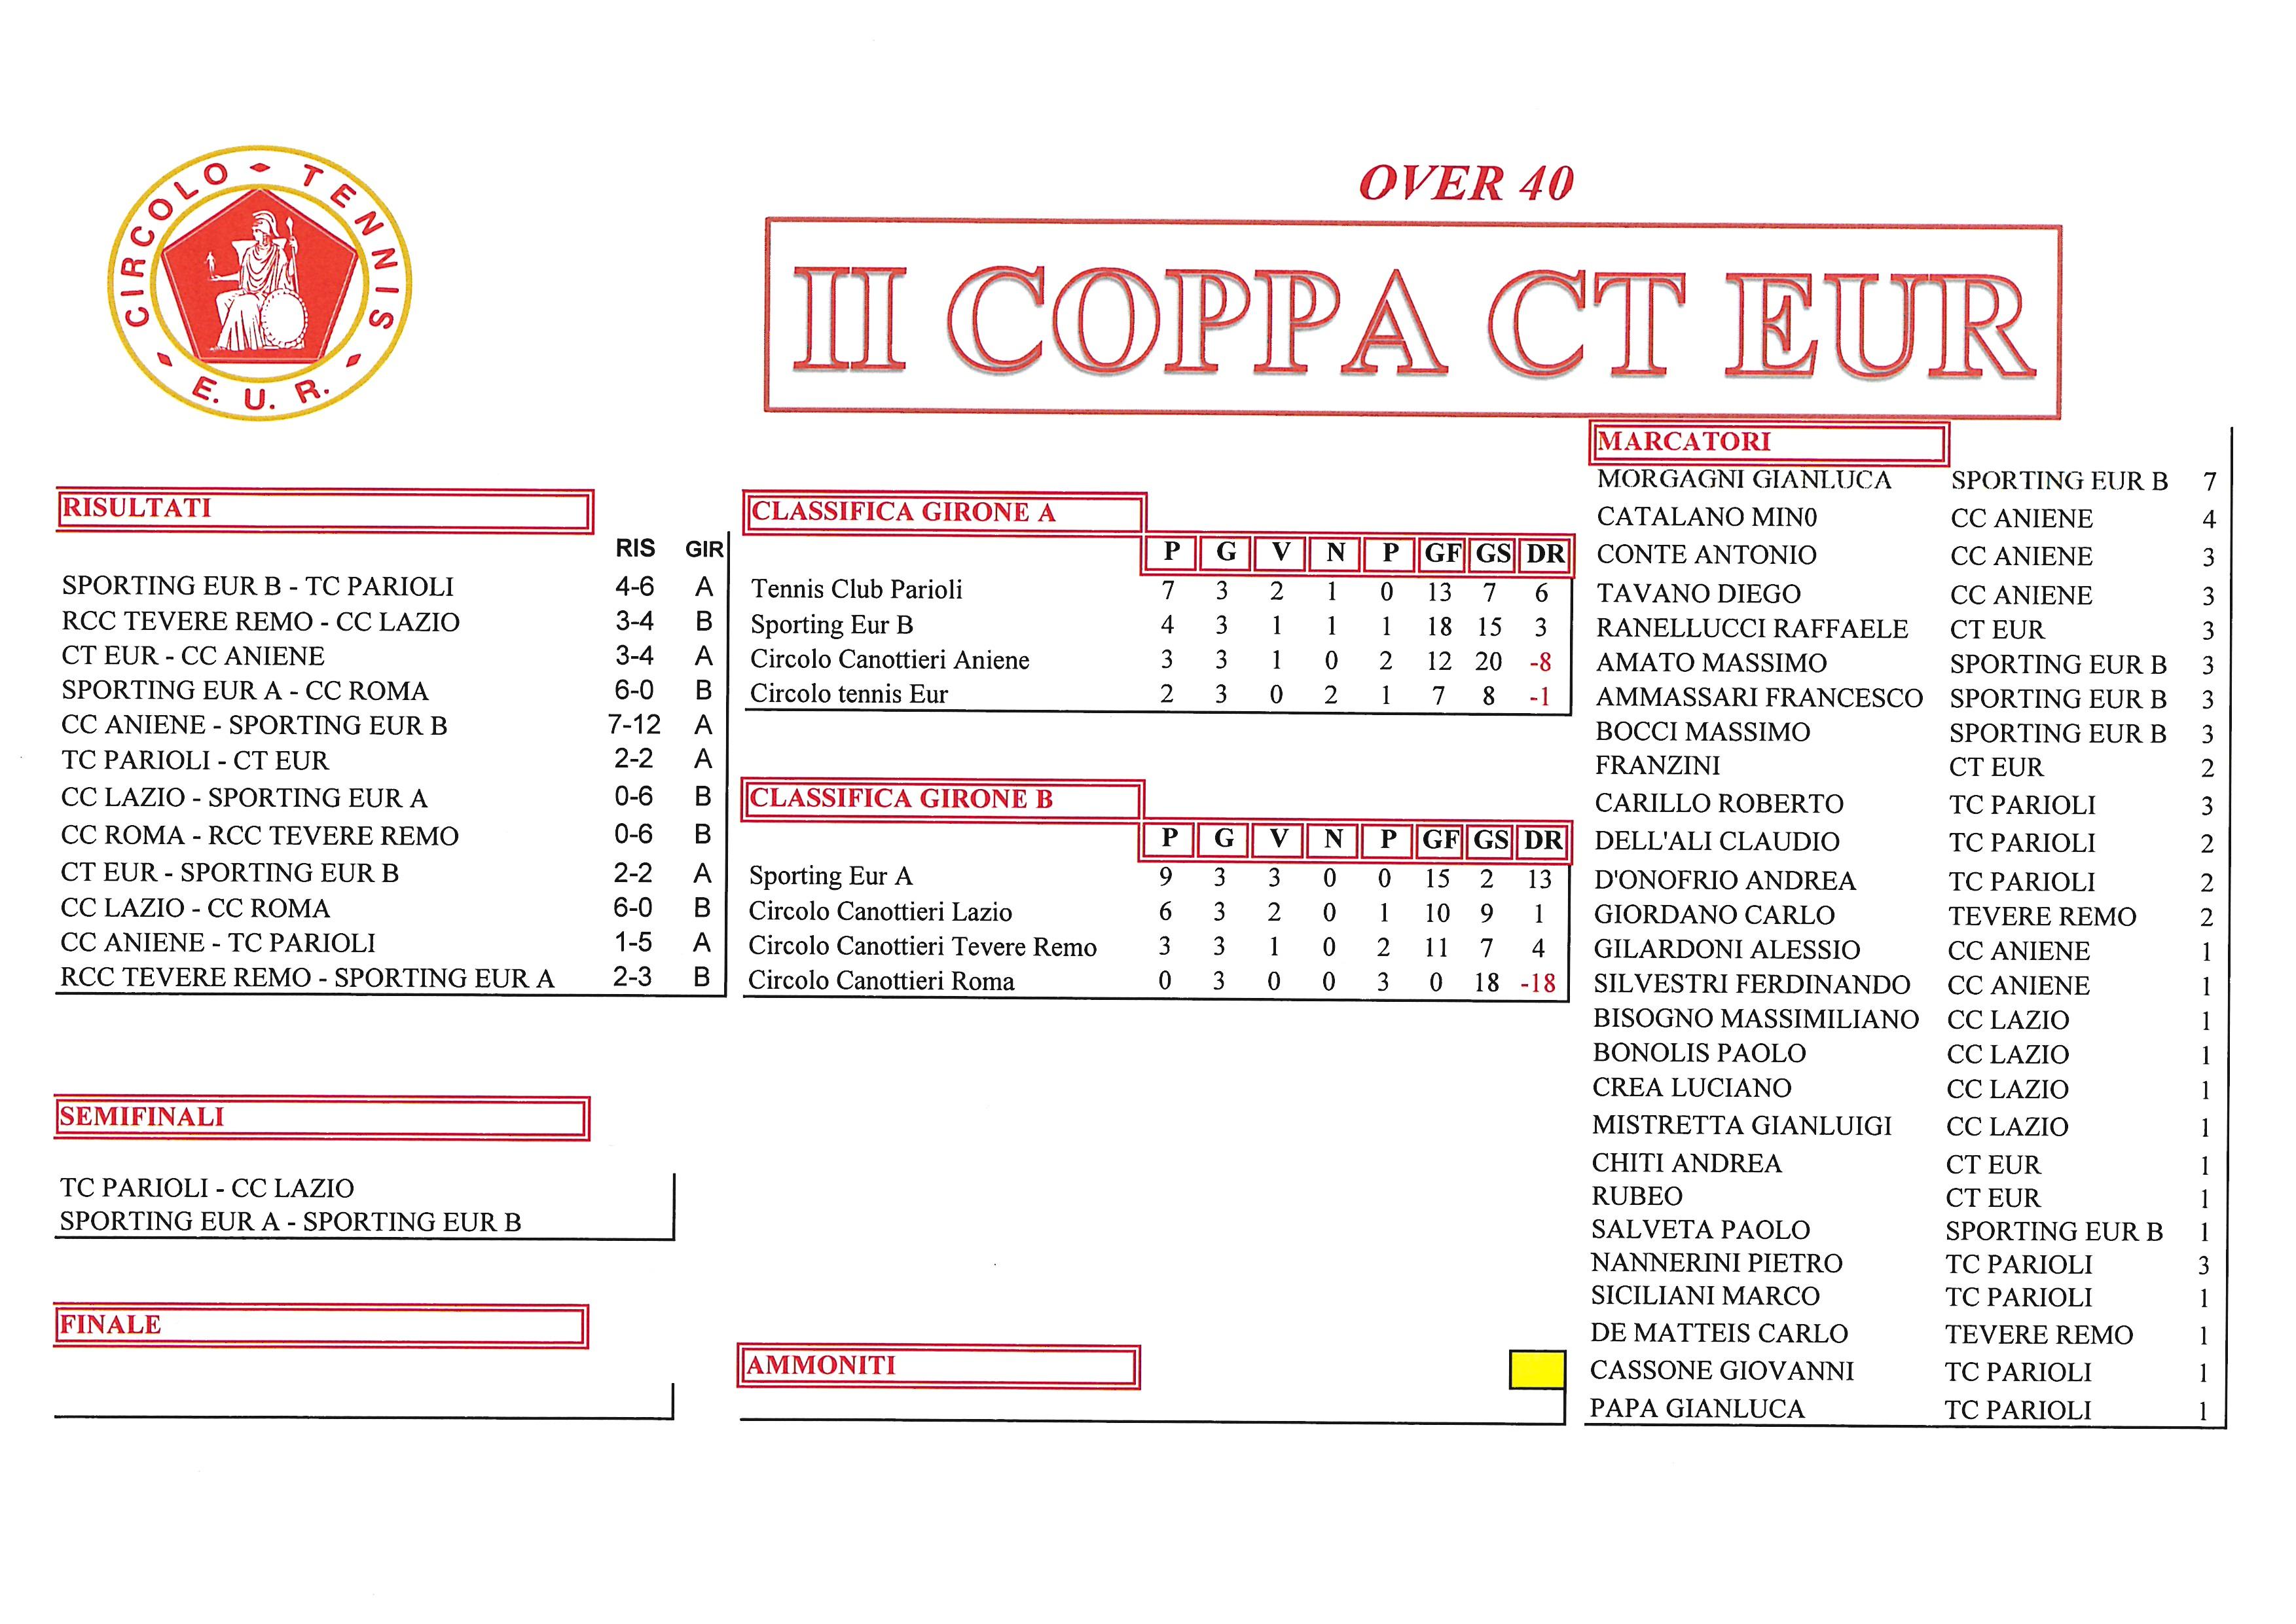 Coppa CT Eur Semifinali Calcio a 5 11 ottobre 2017 Over 40